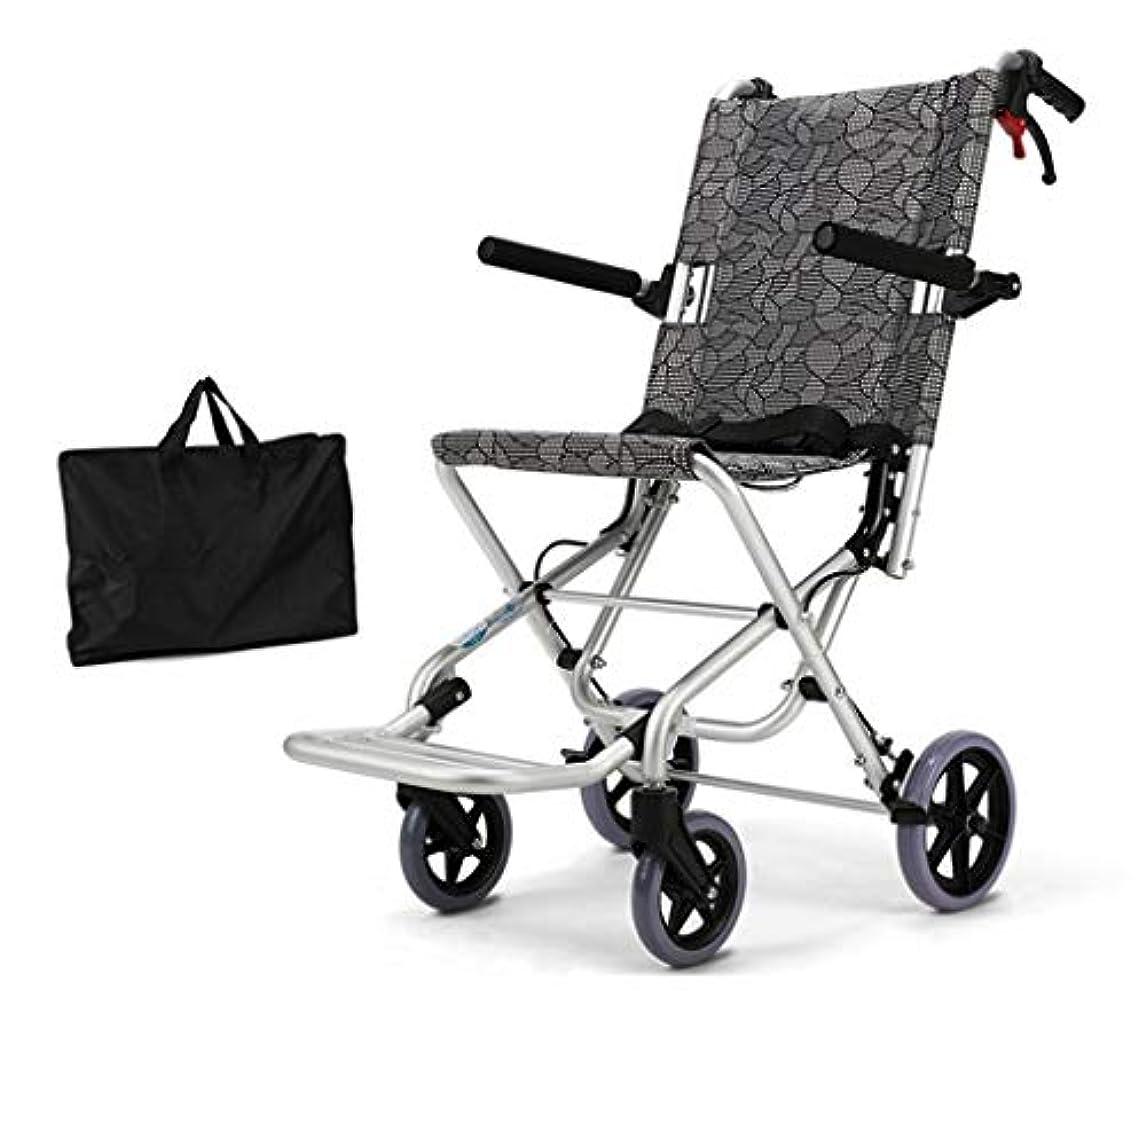 暗唱する意義を除く車椅子用アルミニウム合金折りたたみ式、高齢者障害者用ポータブルプッシュ車椅子